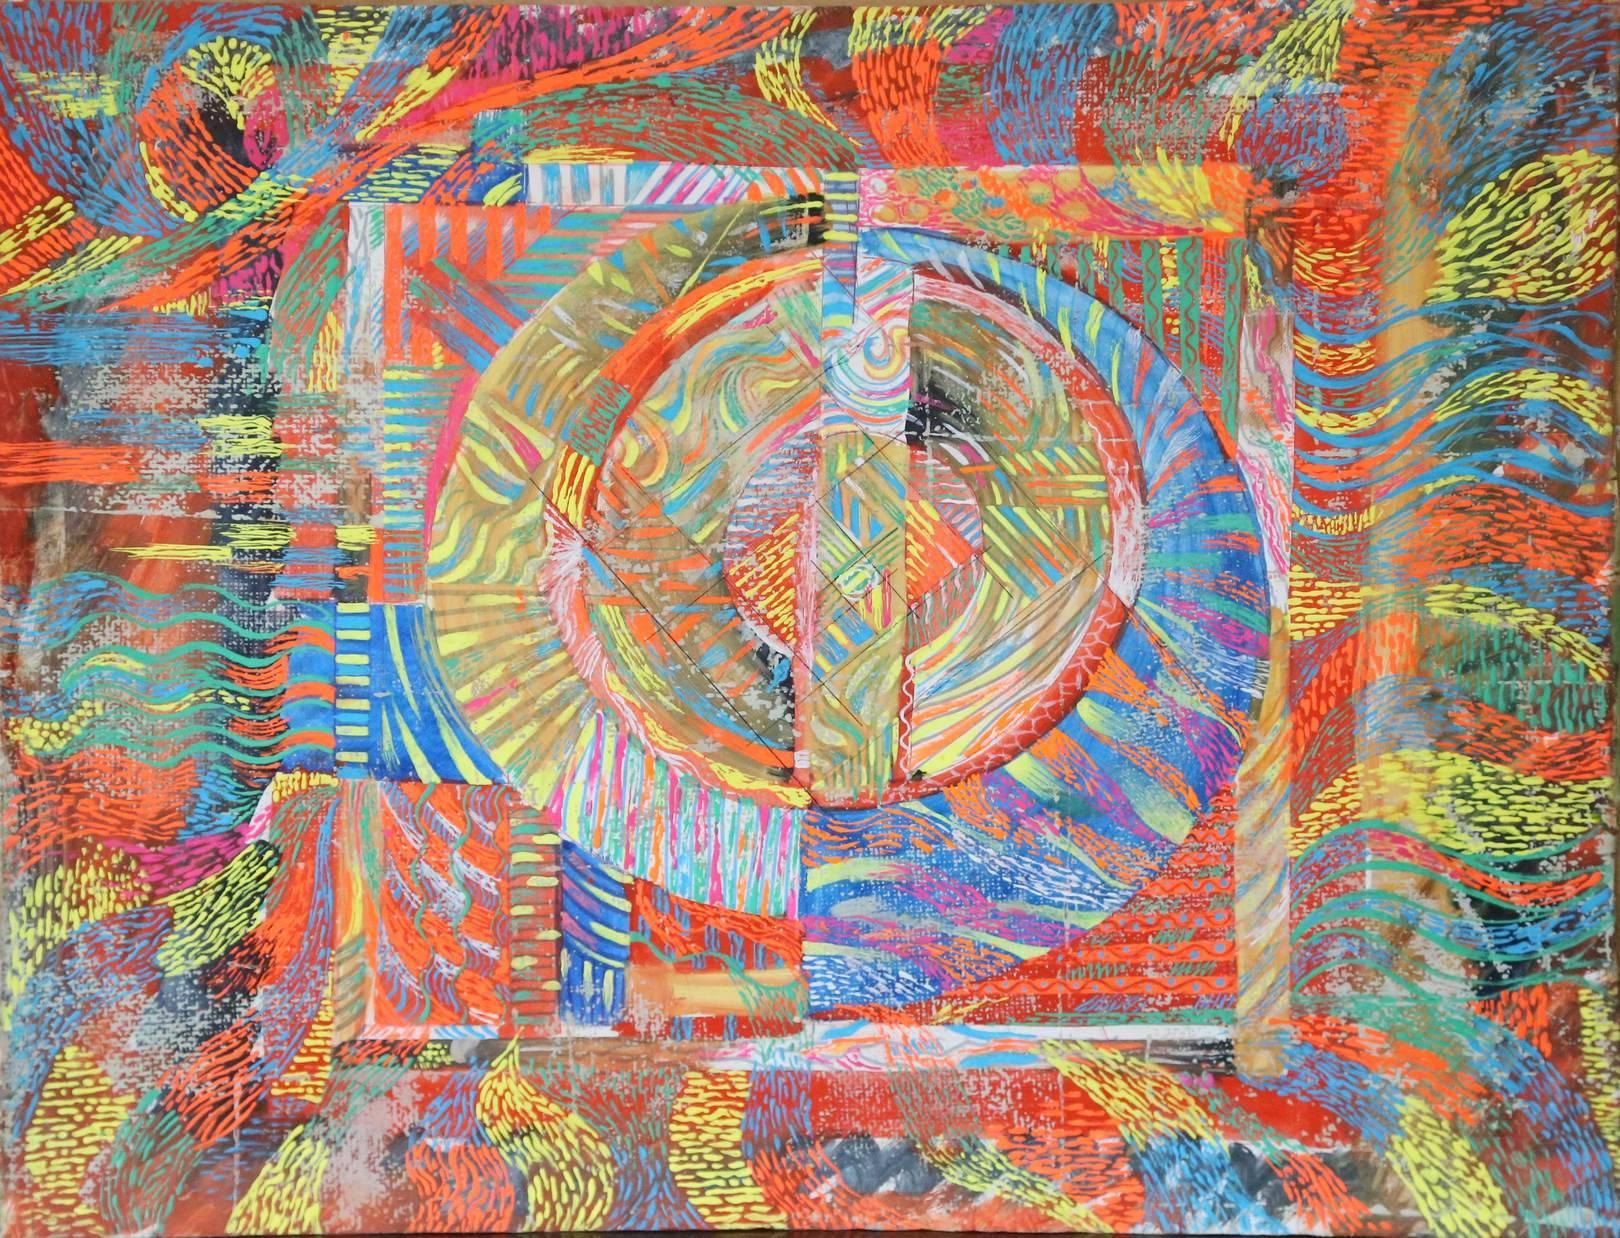 """""""ПРОБУЖДЕНИЕ"""", 1990 г, бумага, гуашь, 50х40см AWAKENING  50х40 сm cardboard, gouache  Я планов громадье на завтра отложу  И все успею - никогда не поздно –  Вселенная юнна, как первоцвет в лесу,  А новые - не скоро лягут в гнезда."""